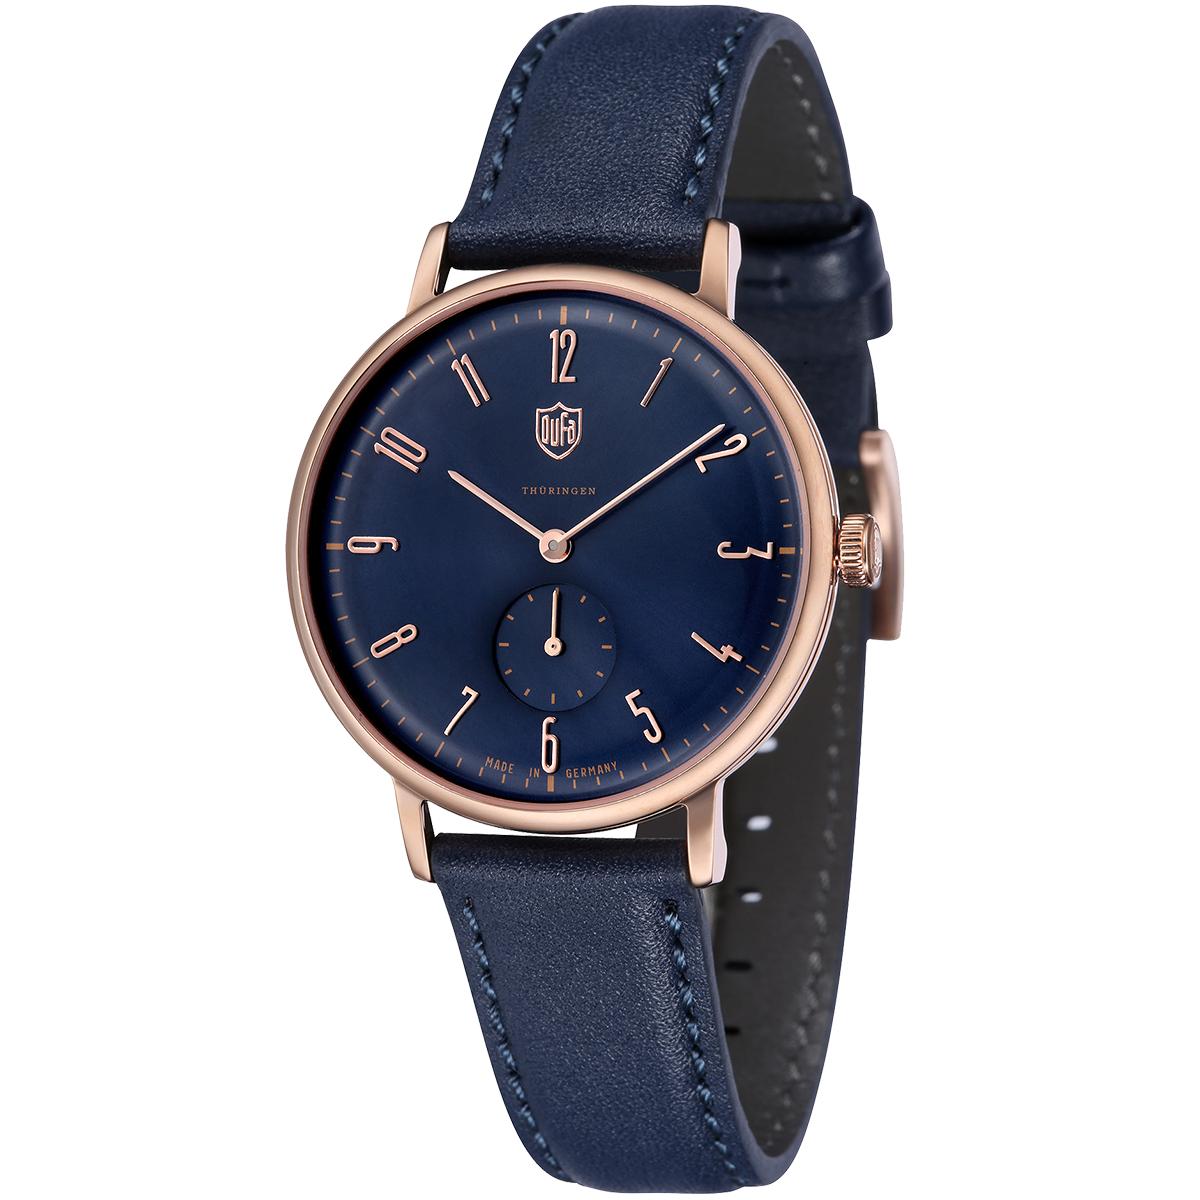 【全品送料無料】 DUFA ドゥッファ DF-9001-0F GROPIUS 時計 腕時計 メンズ レディース 男性 女性 ネイビー おしゃれ プレゼント 贈り物 ギフト ドイツ バウハウス[あす楽]